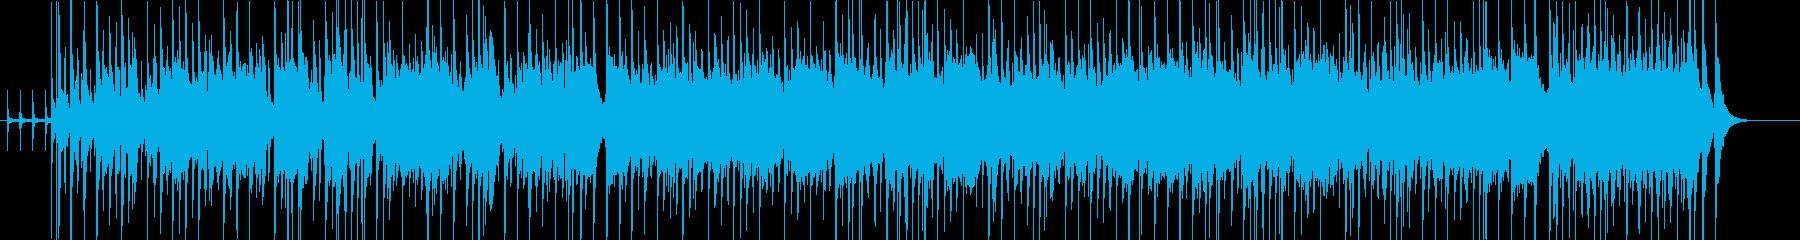 ファンキーなリズムの曲の再生済みの波形